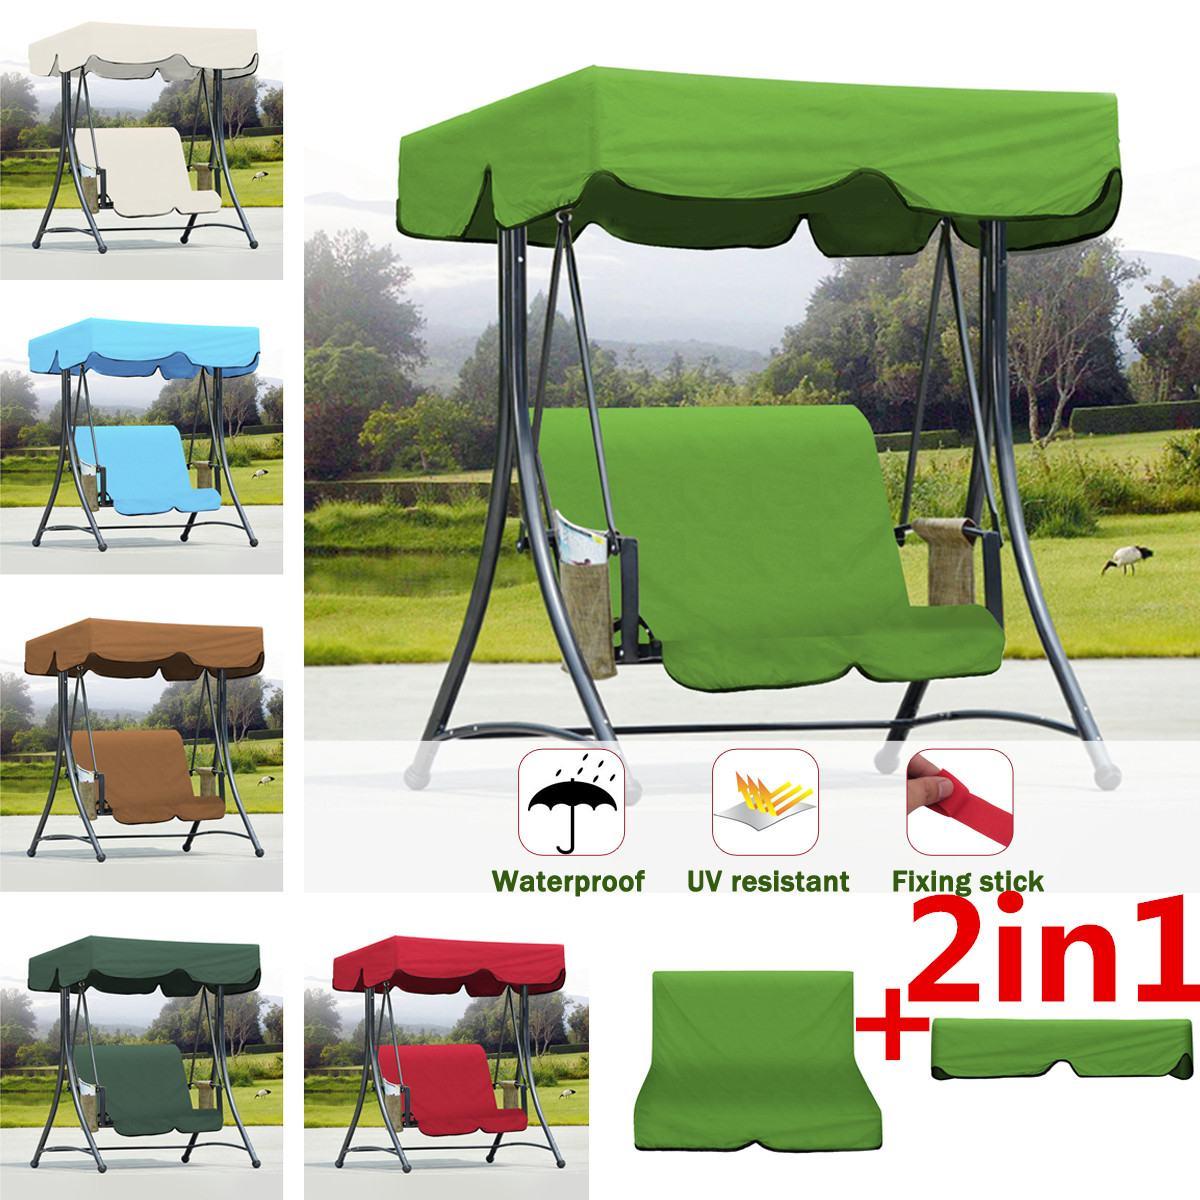 2 шт. водонепроницаемый УФ-стойкий качели гамак навес + подушка для стула летняя уличная Крытая садовая палатка для двора качели верхняя кры...